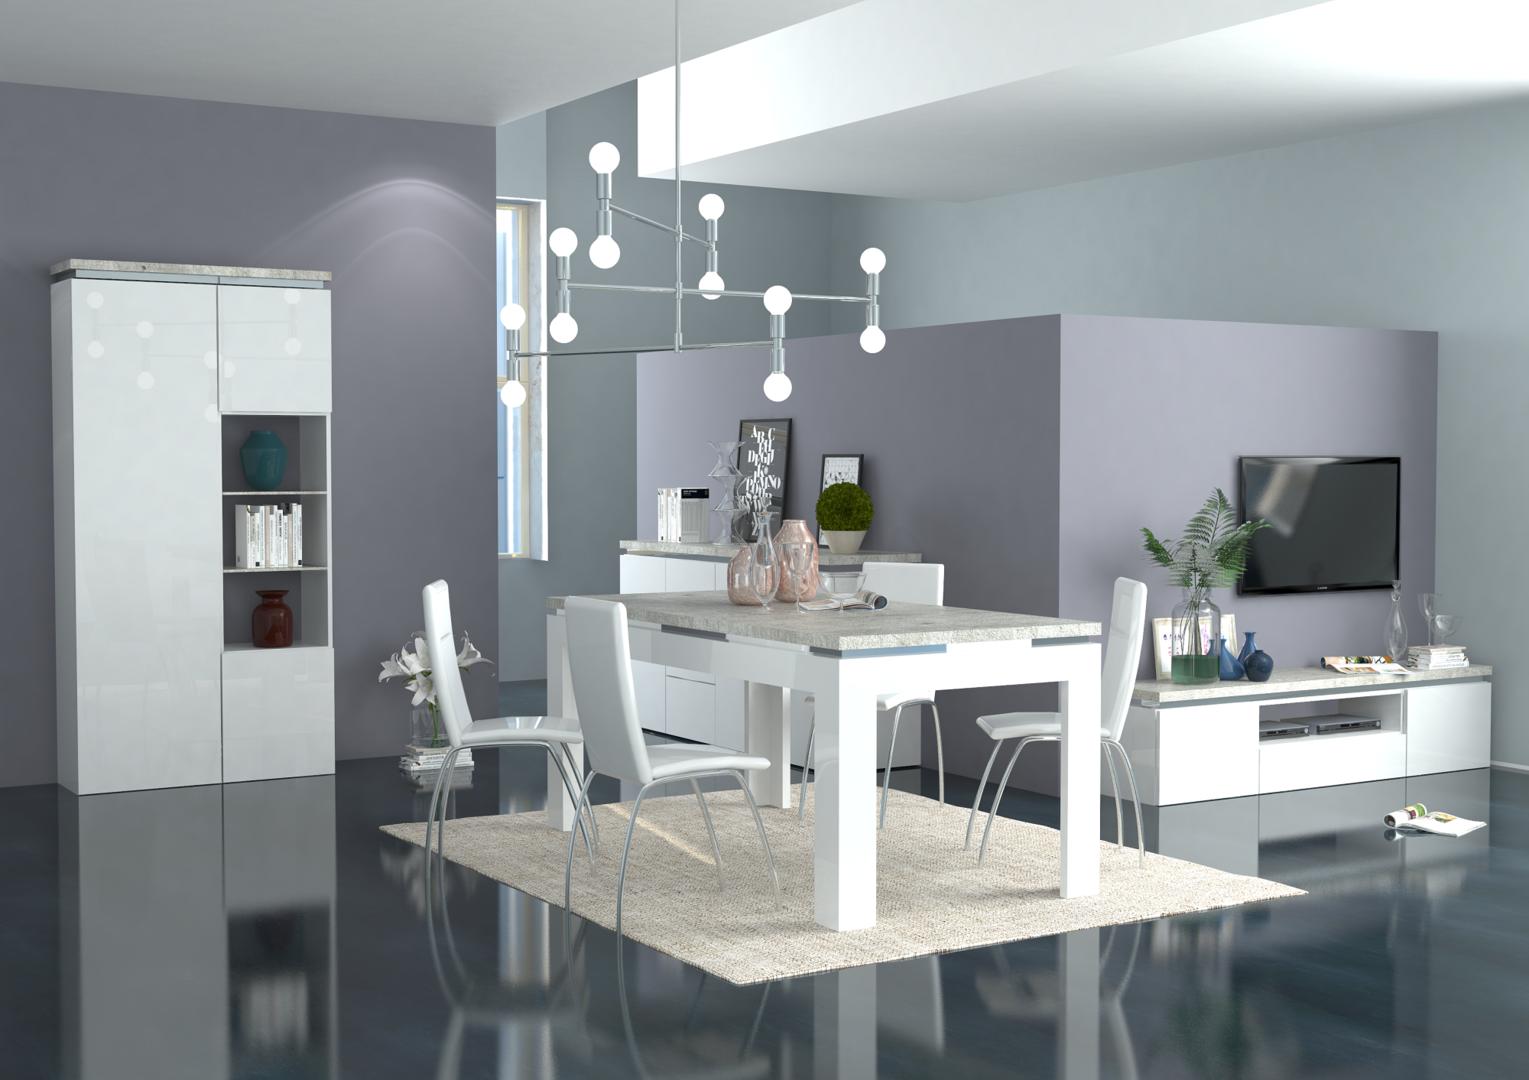 Tavolo moderno bianco messico mobile per sala da pranzo for Mobile sala